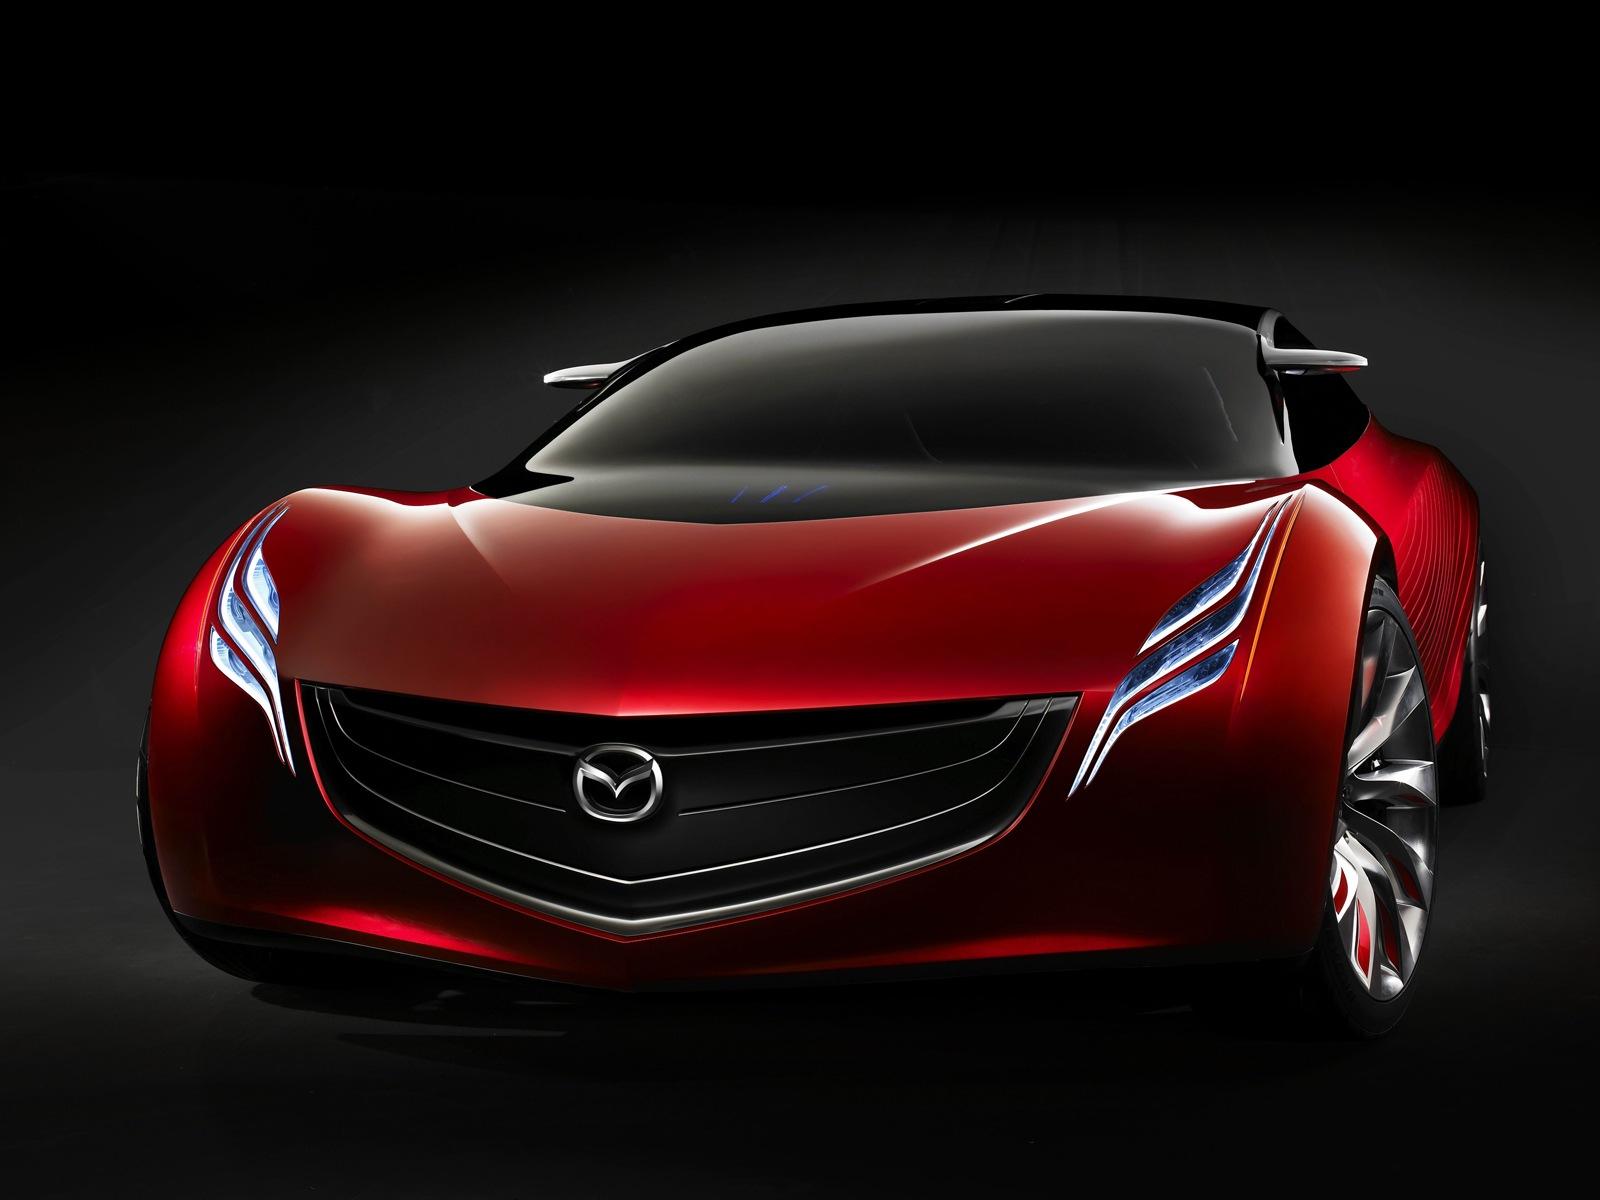 http://3.bp.blogspot.com/-CBx5oCYTL6E/TVh5r_rcGuI/AAAAAAAAAO0/C2qLutz36iY/s1600/Mazda-Ryuga-Concept-003.jpg